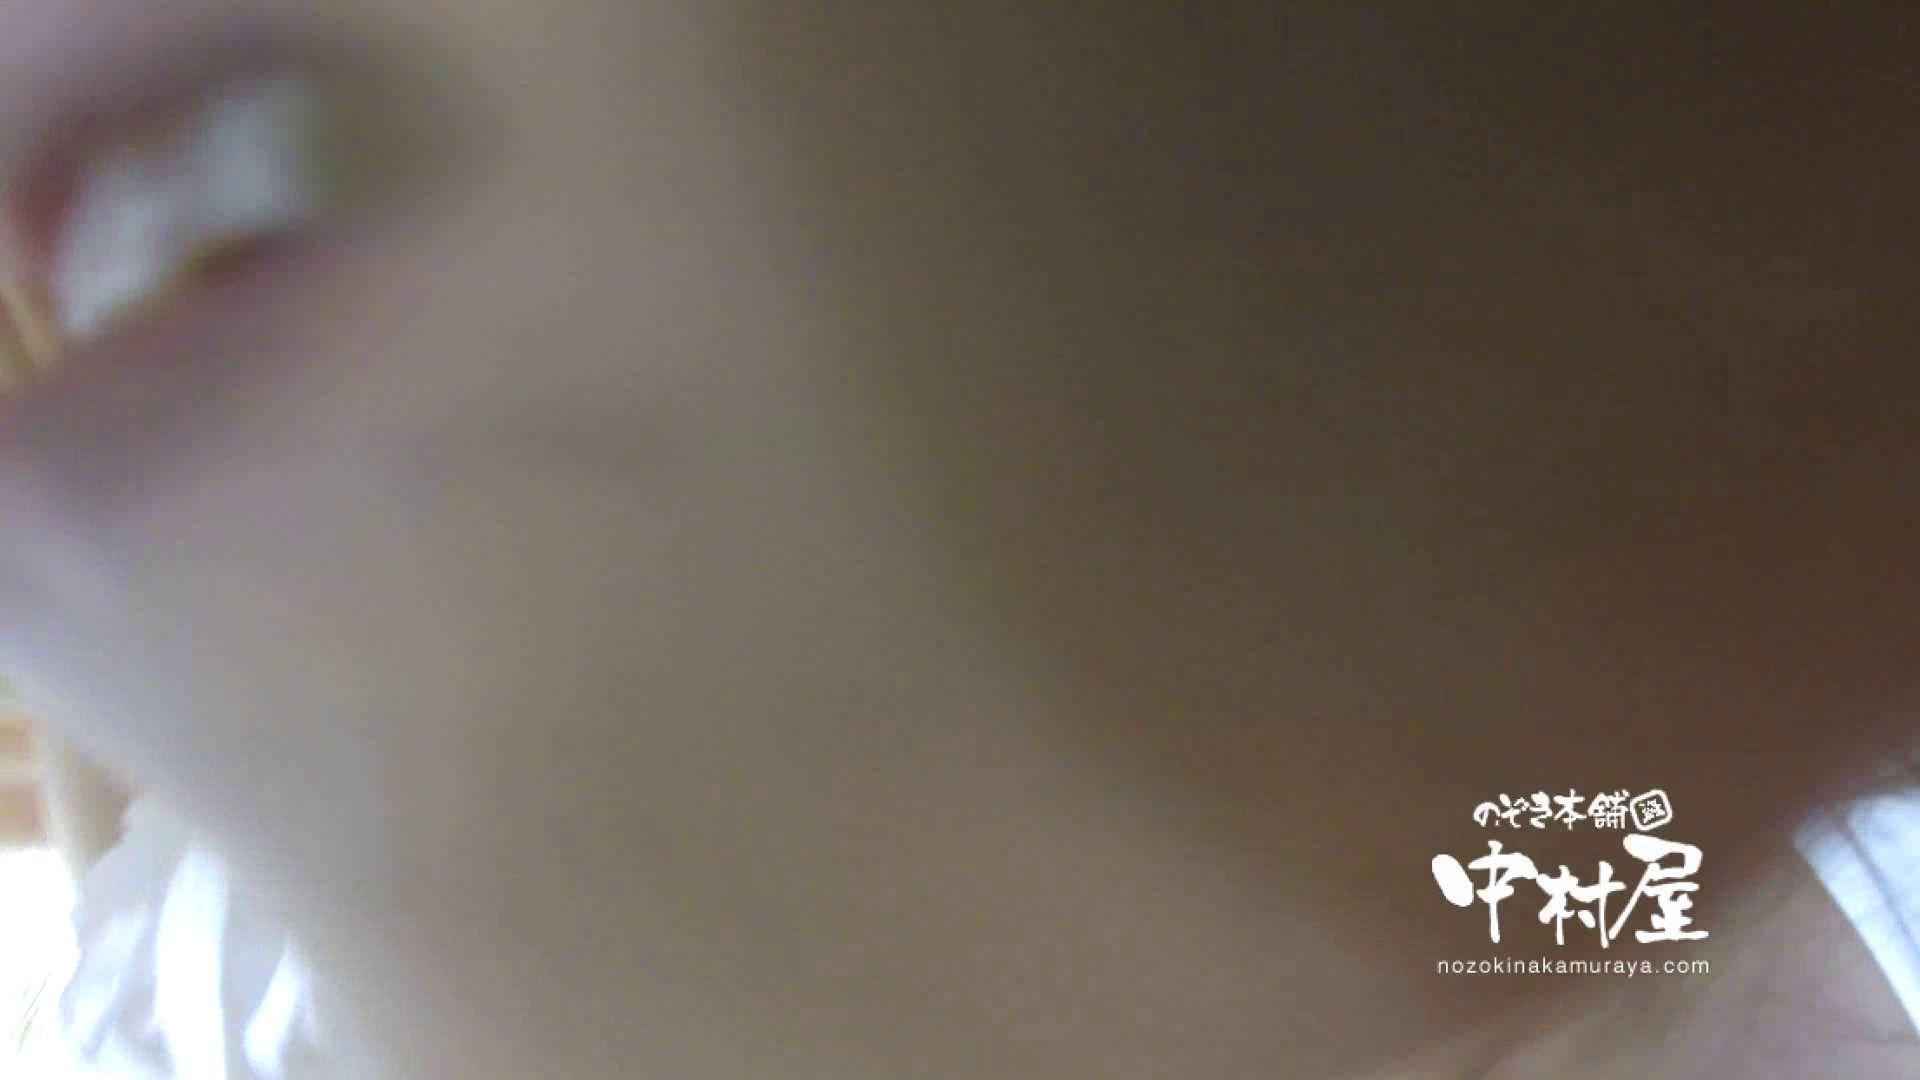 鬼畜 vol.18 居酒屋バイト時代の同僚に中出ししてみる 後編 鬼畜 | 中出し  94連発 22